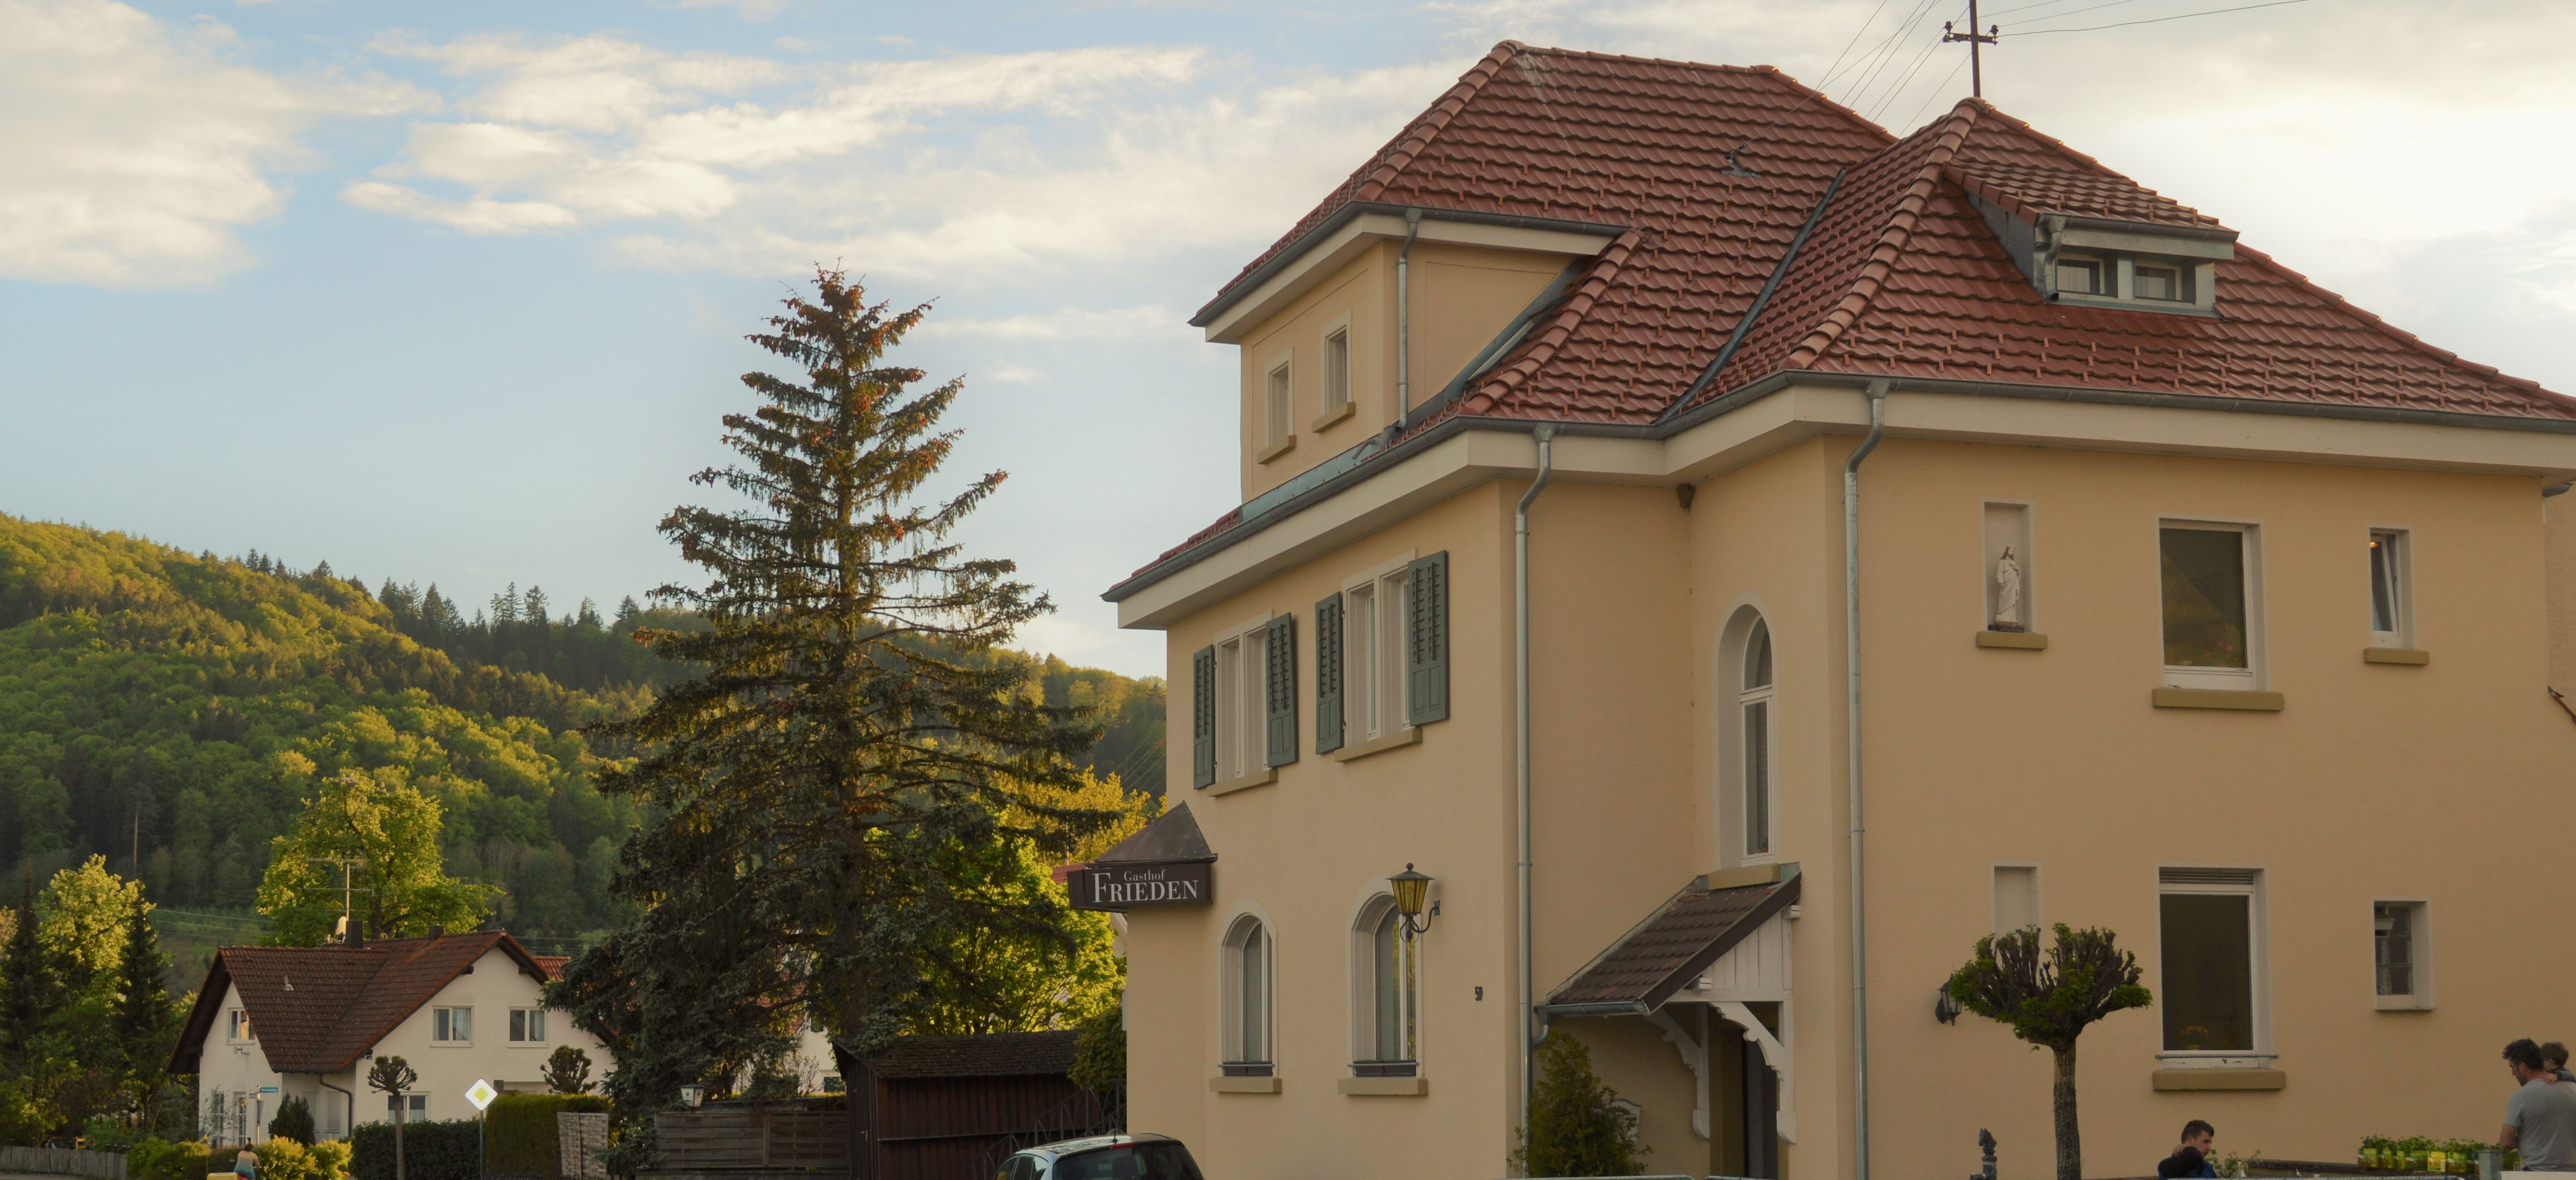 Gasthof Frieden